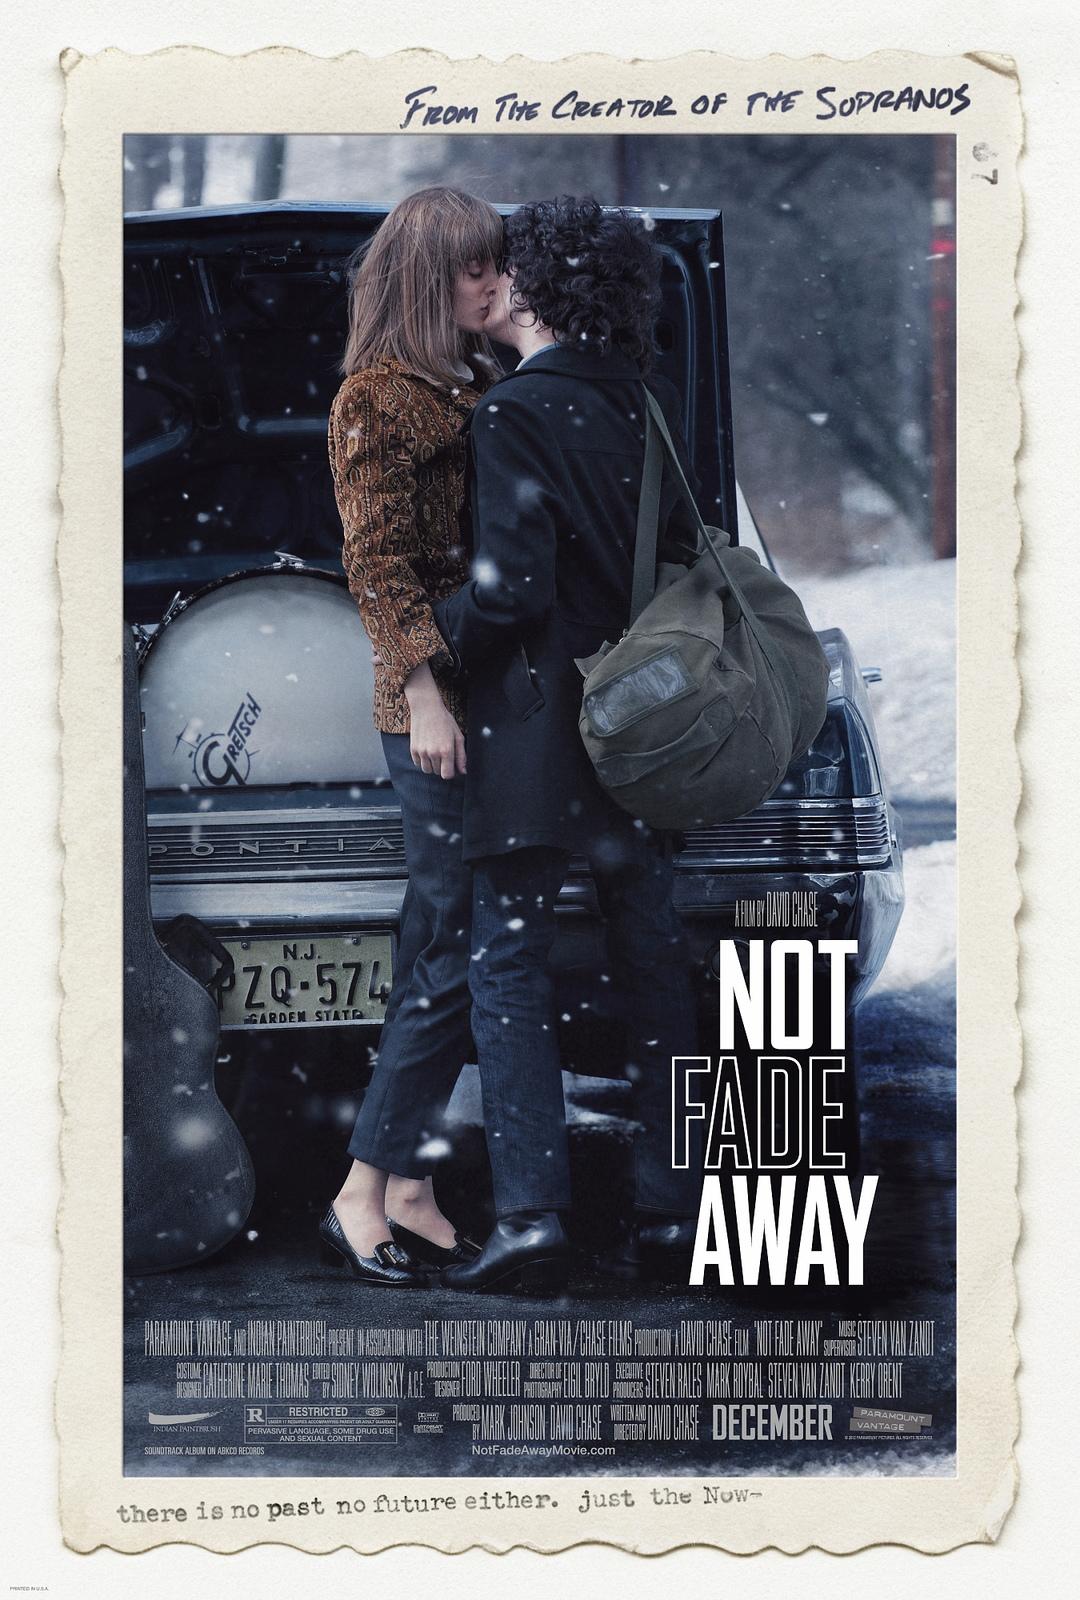 notfadeaway